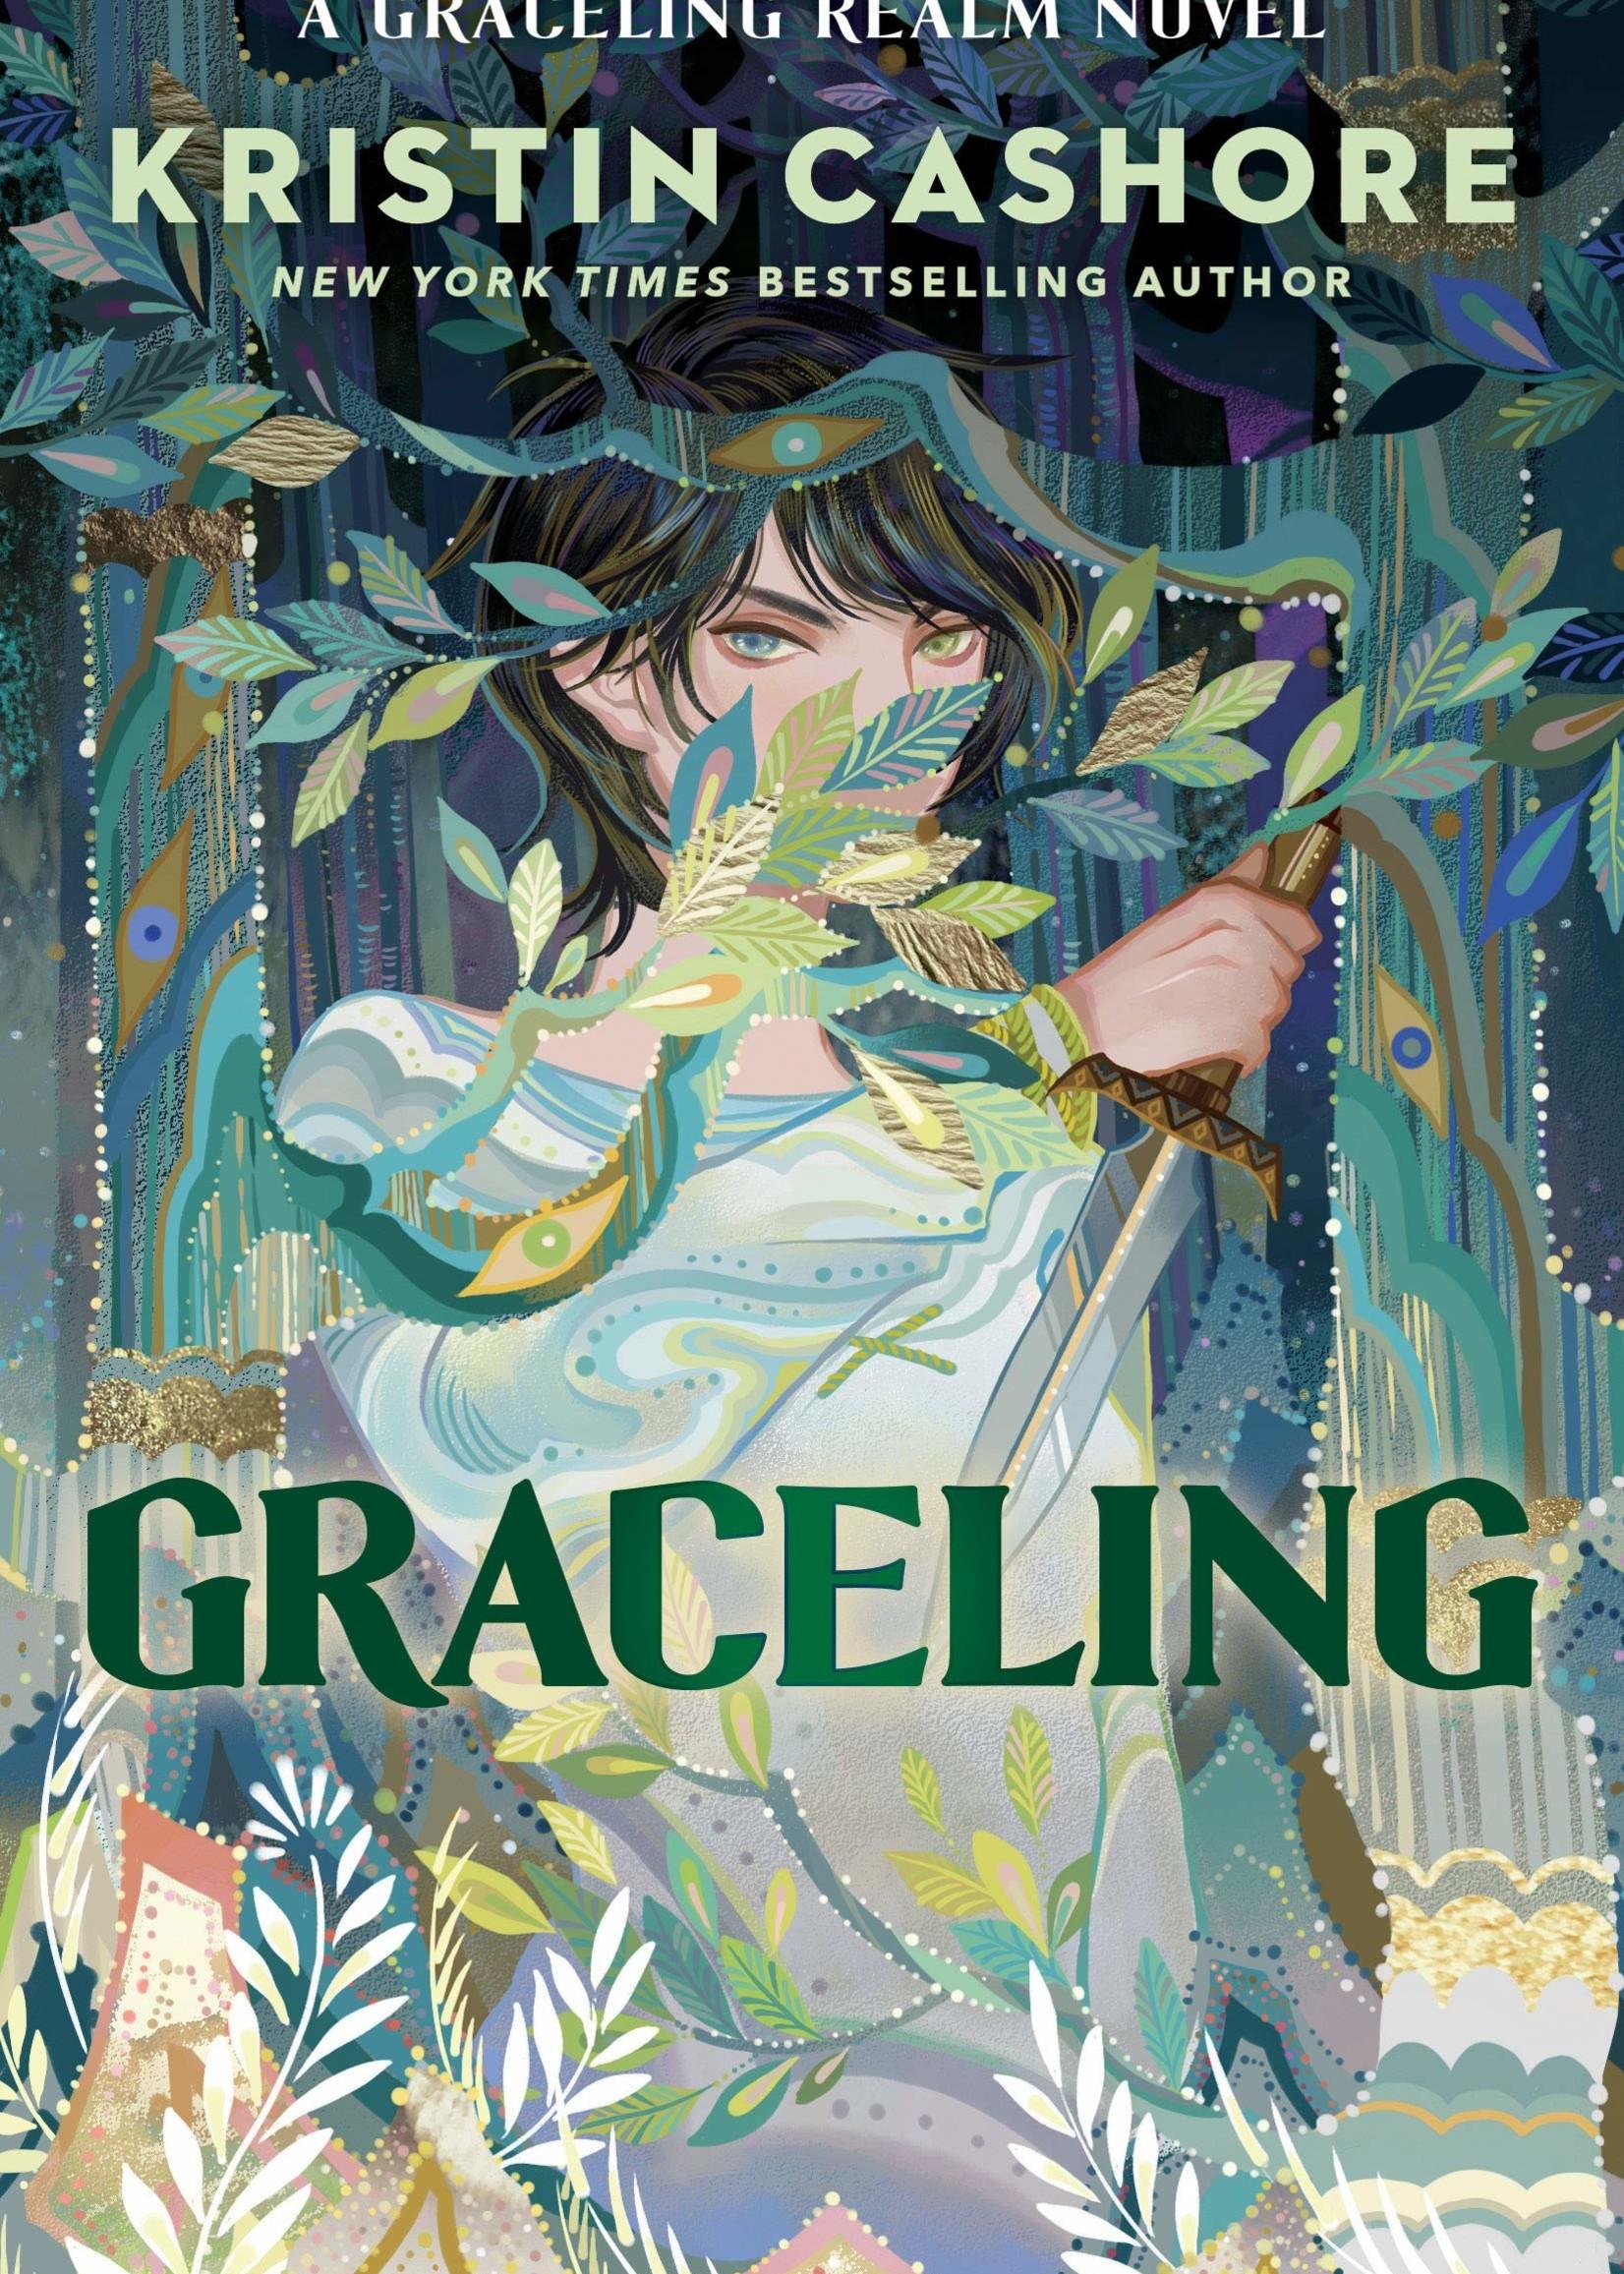 Graceling Realm #01, Graceling - Paperback